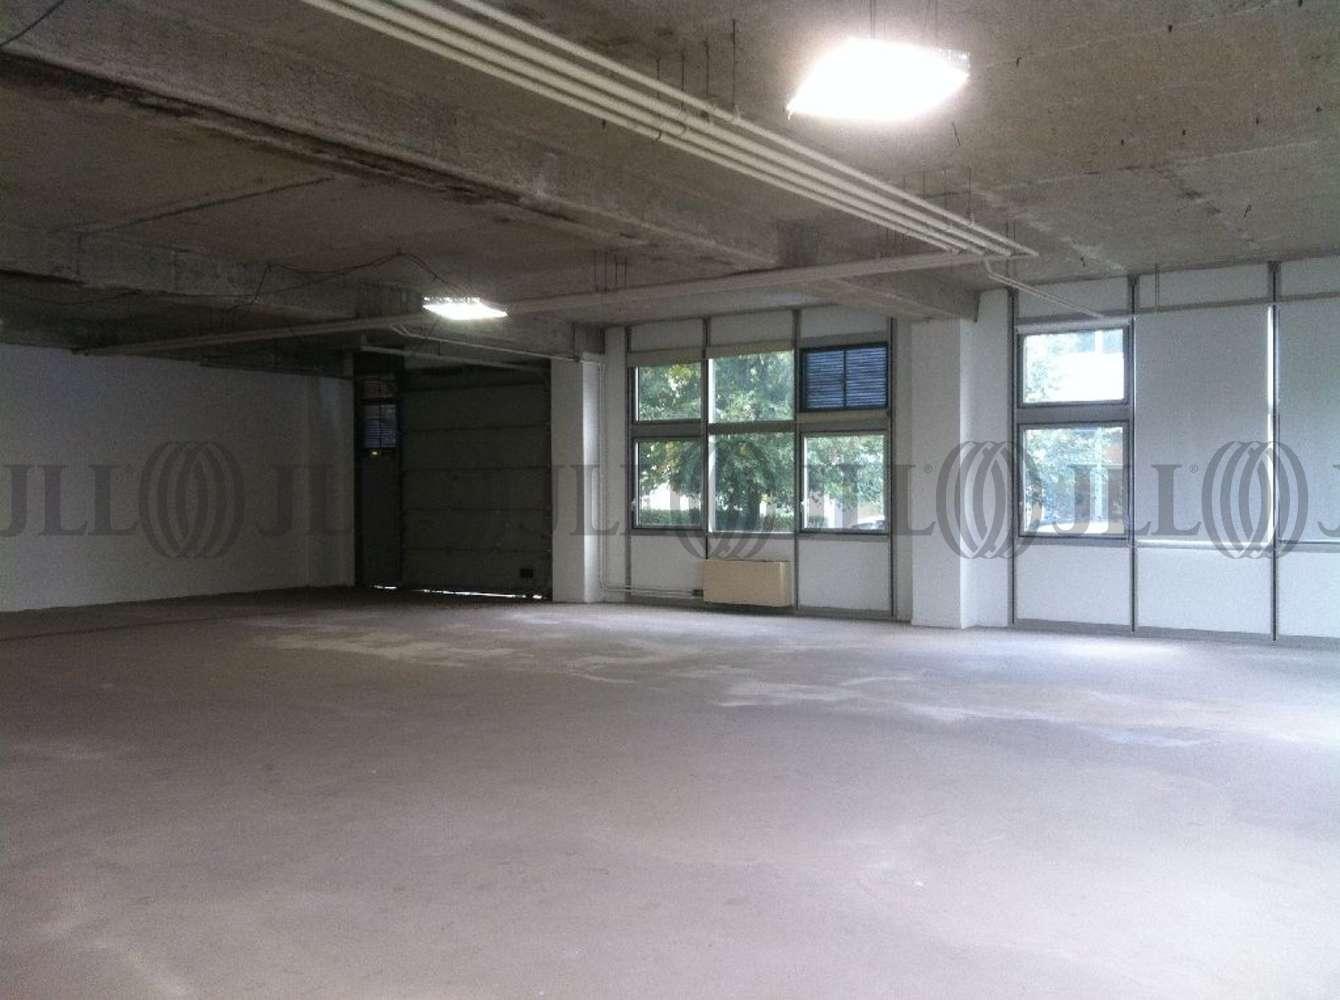 Activités/entrepôt Fontenay sous bois, 94120 - LE TECHNIPOLE - 9448206